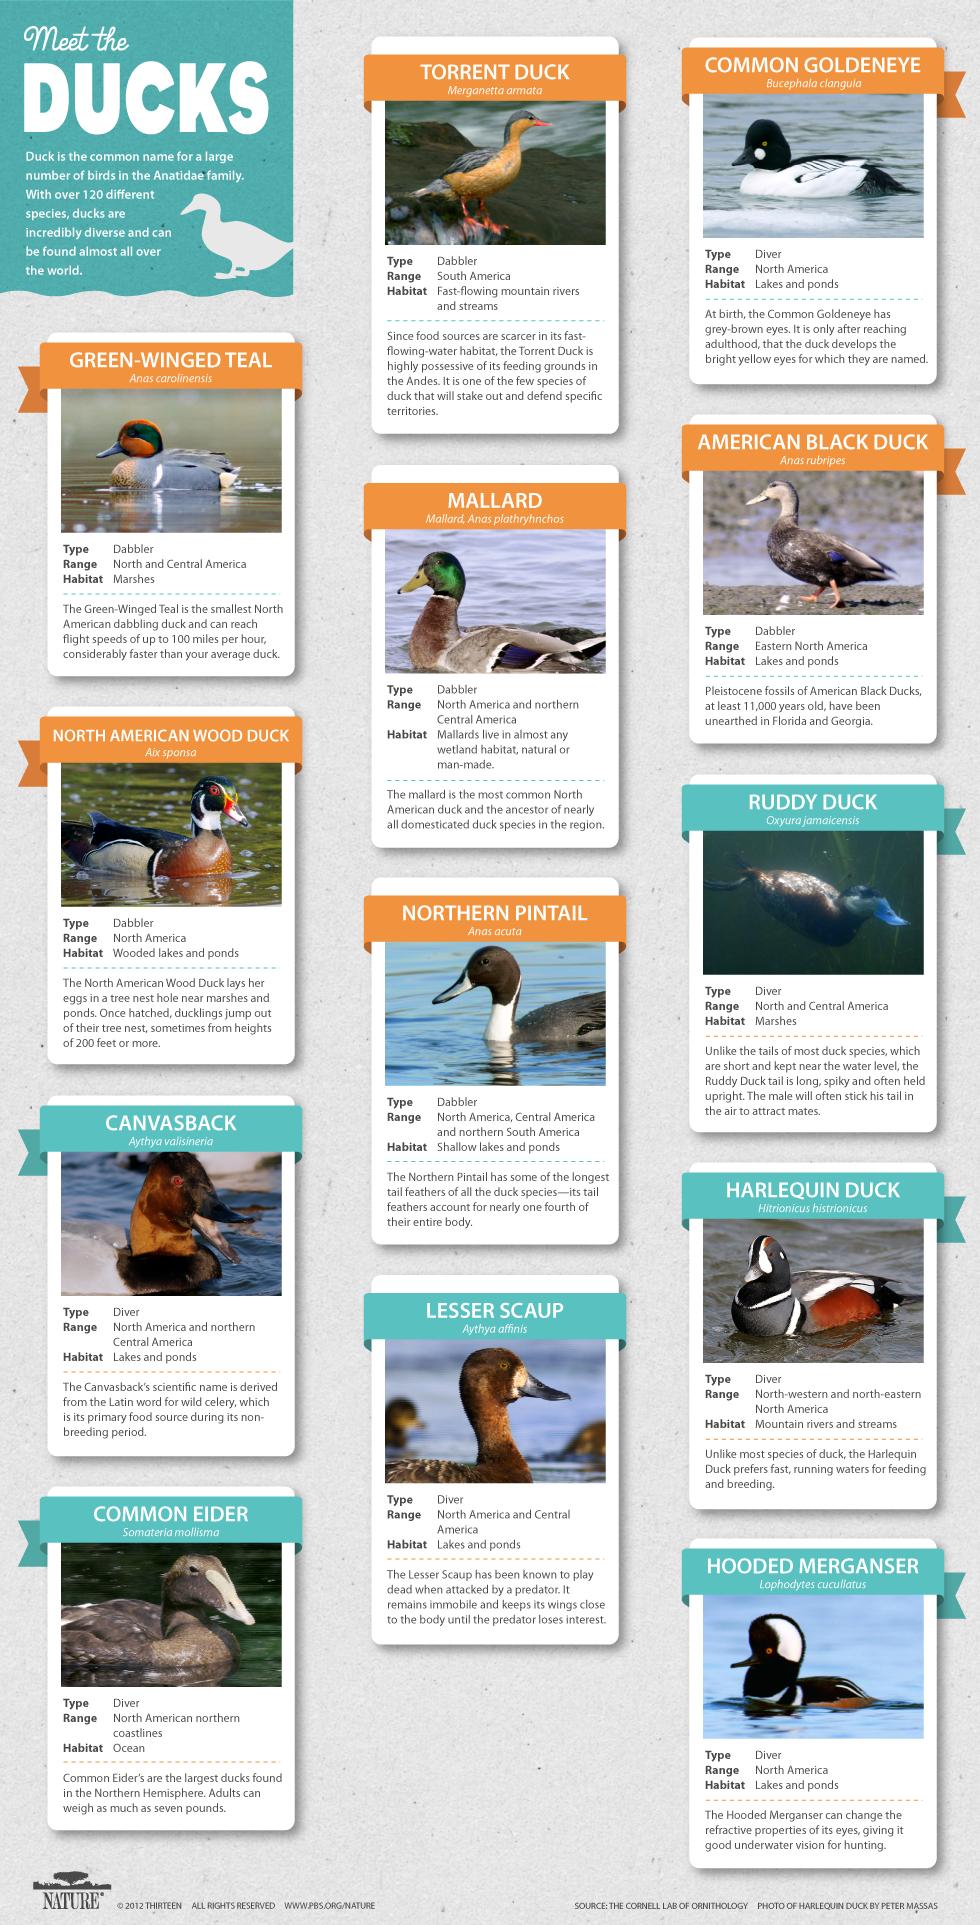 duck-breeds-2